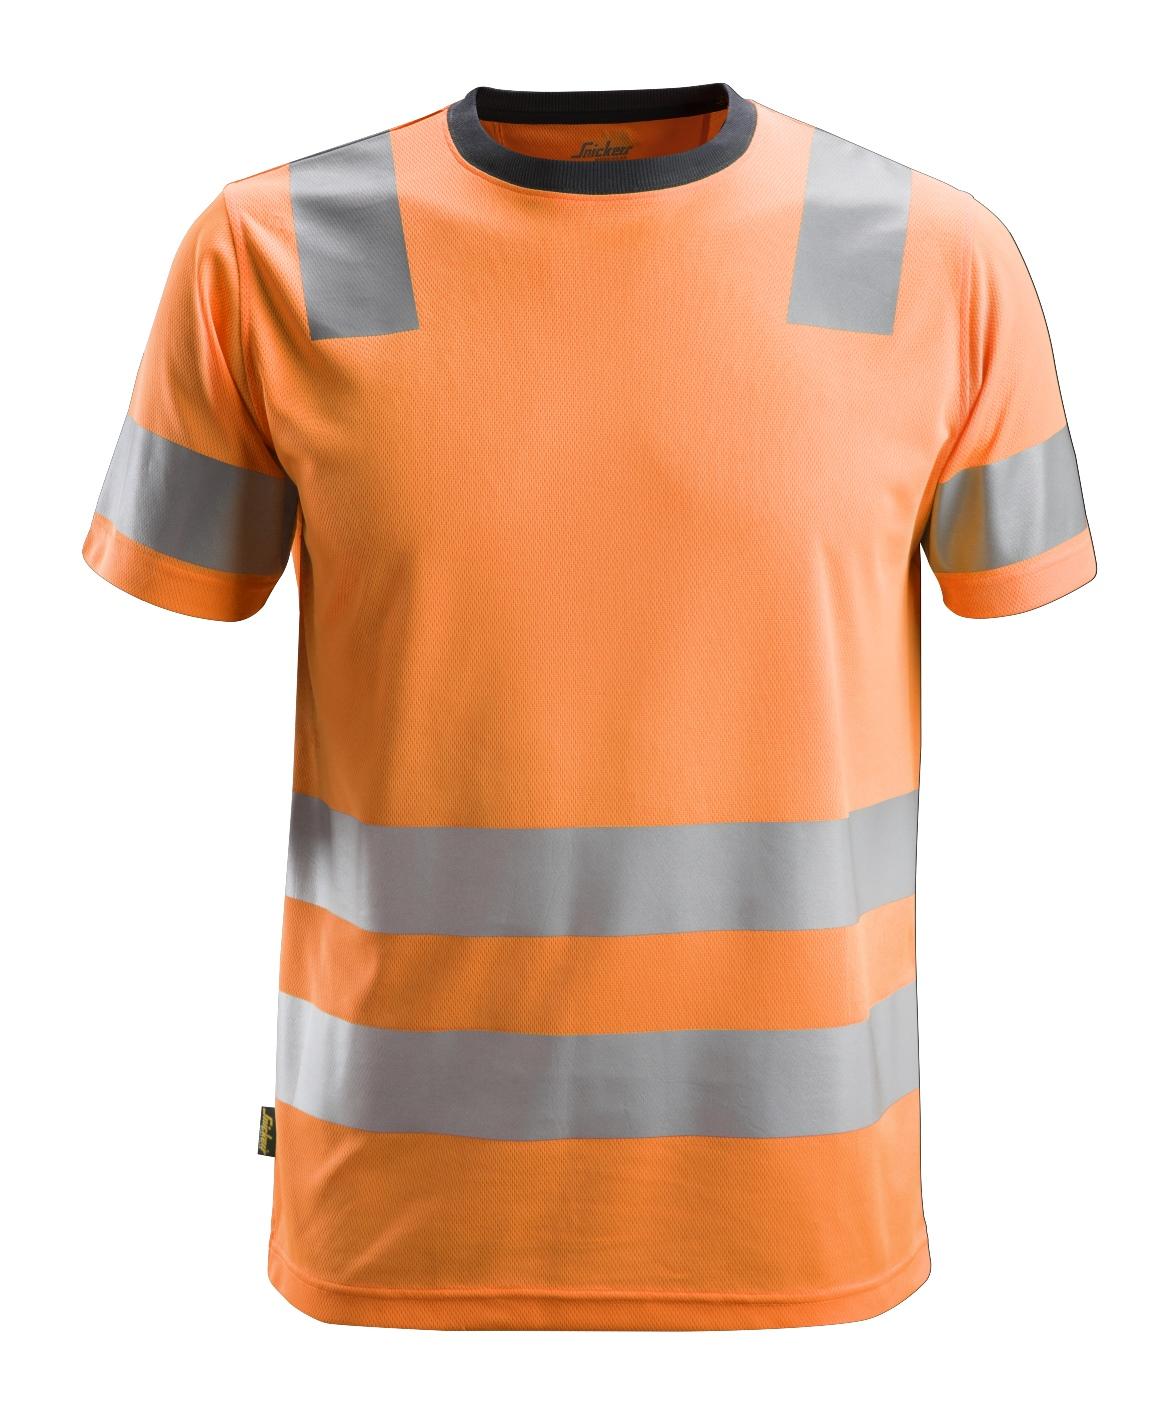 ac938eb1 t-skjorte synlighet fra Snickers Workwear. Stor ny kolleksjon fra ...